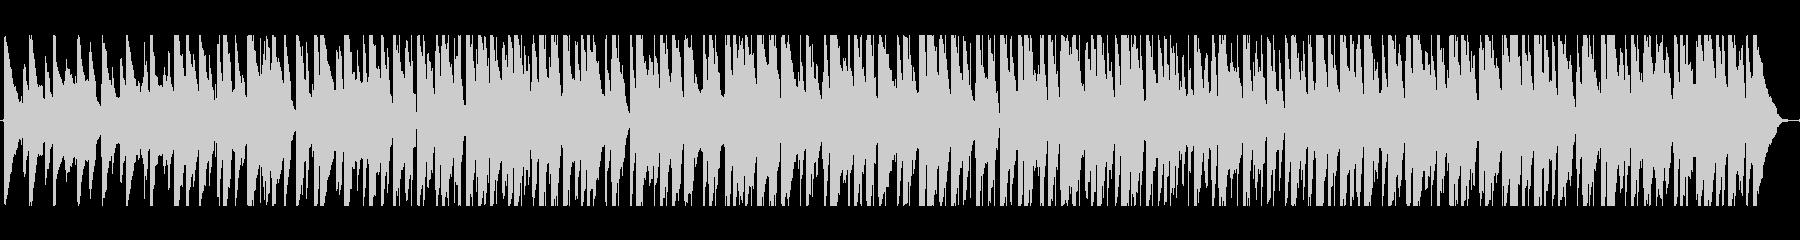 ウクレレ、暖かいアコースティックギ...の未再生の波形